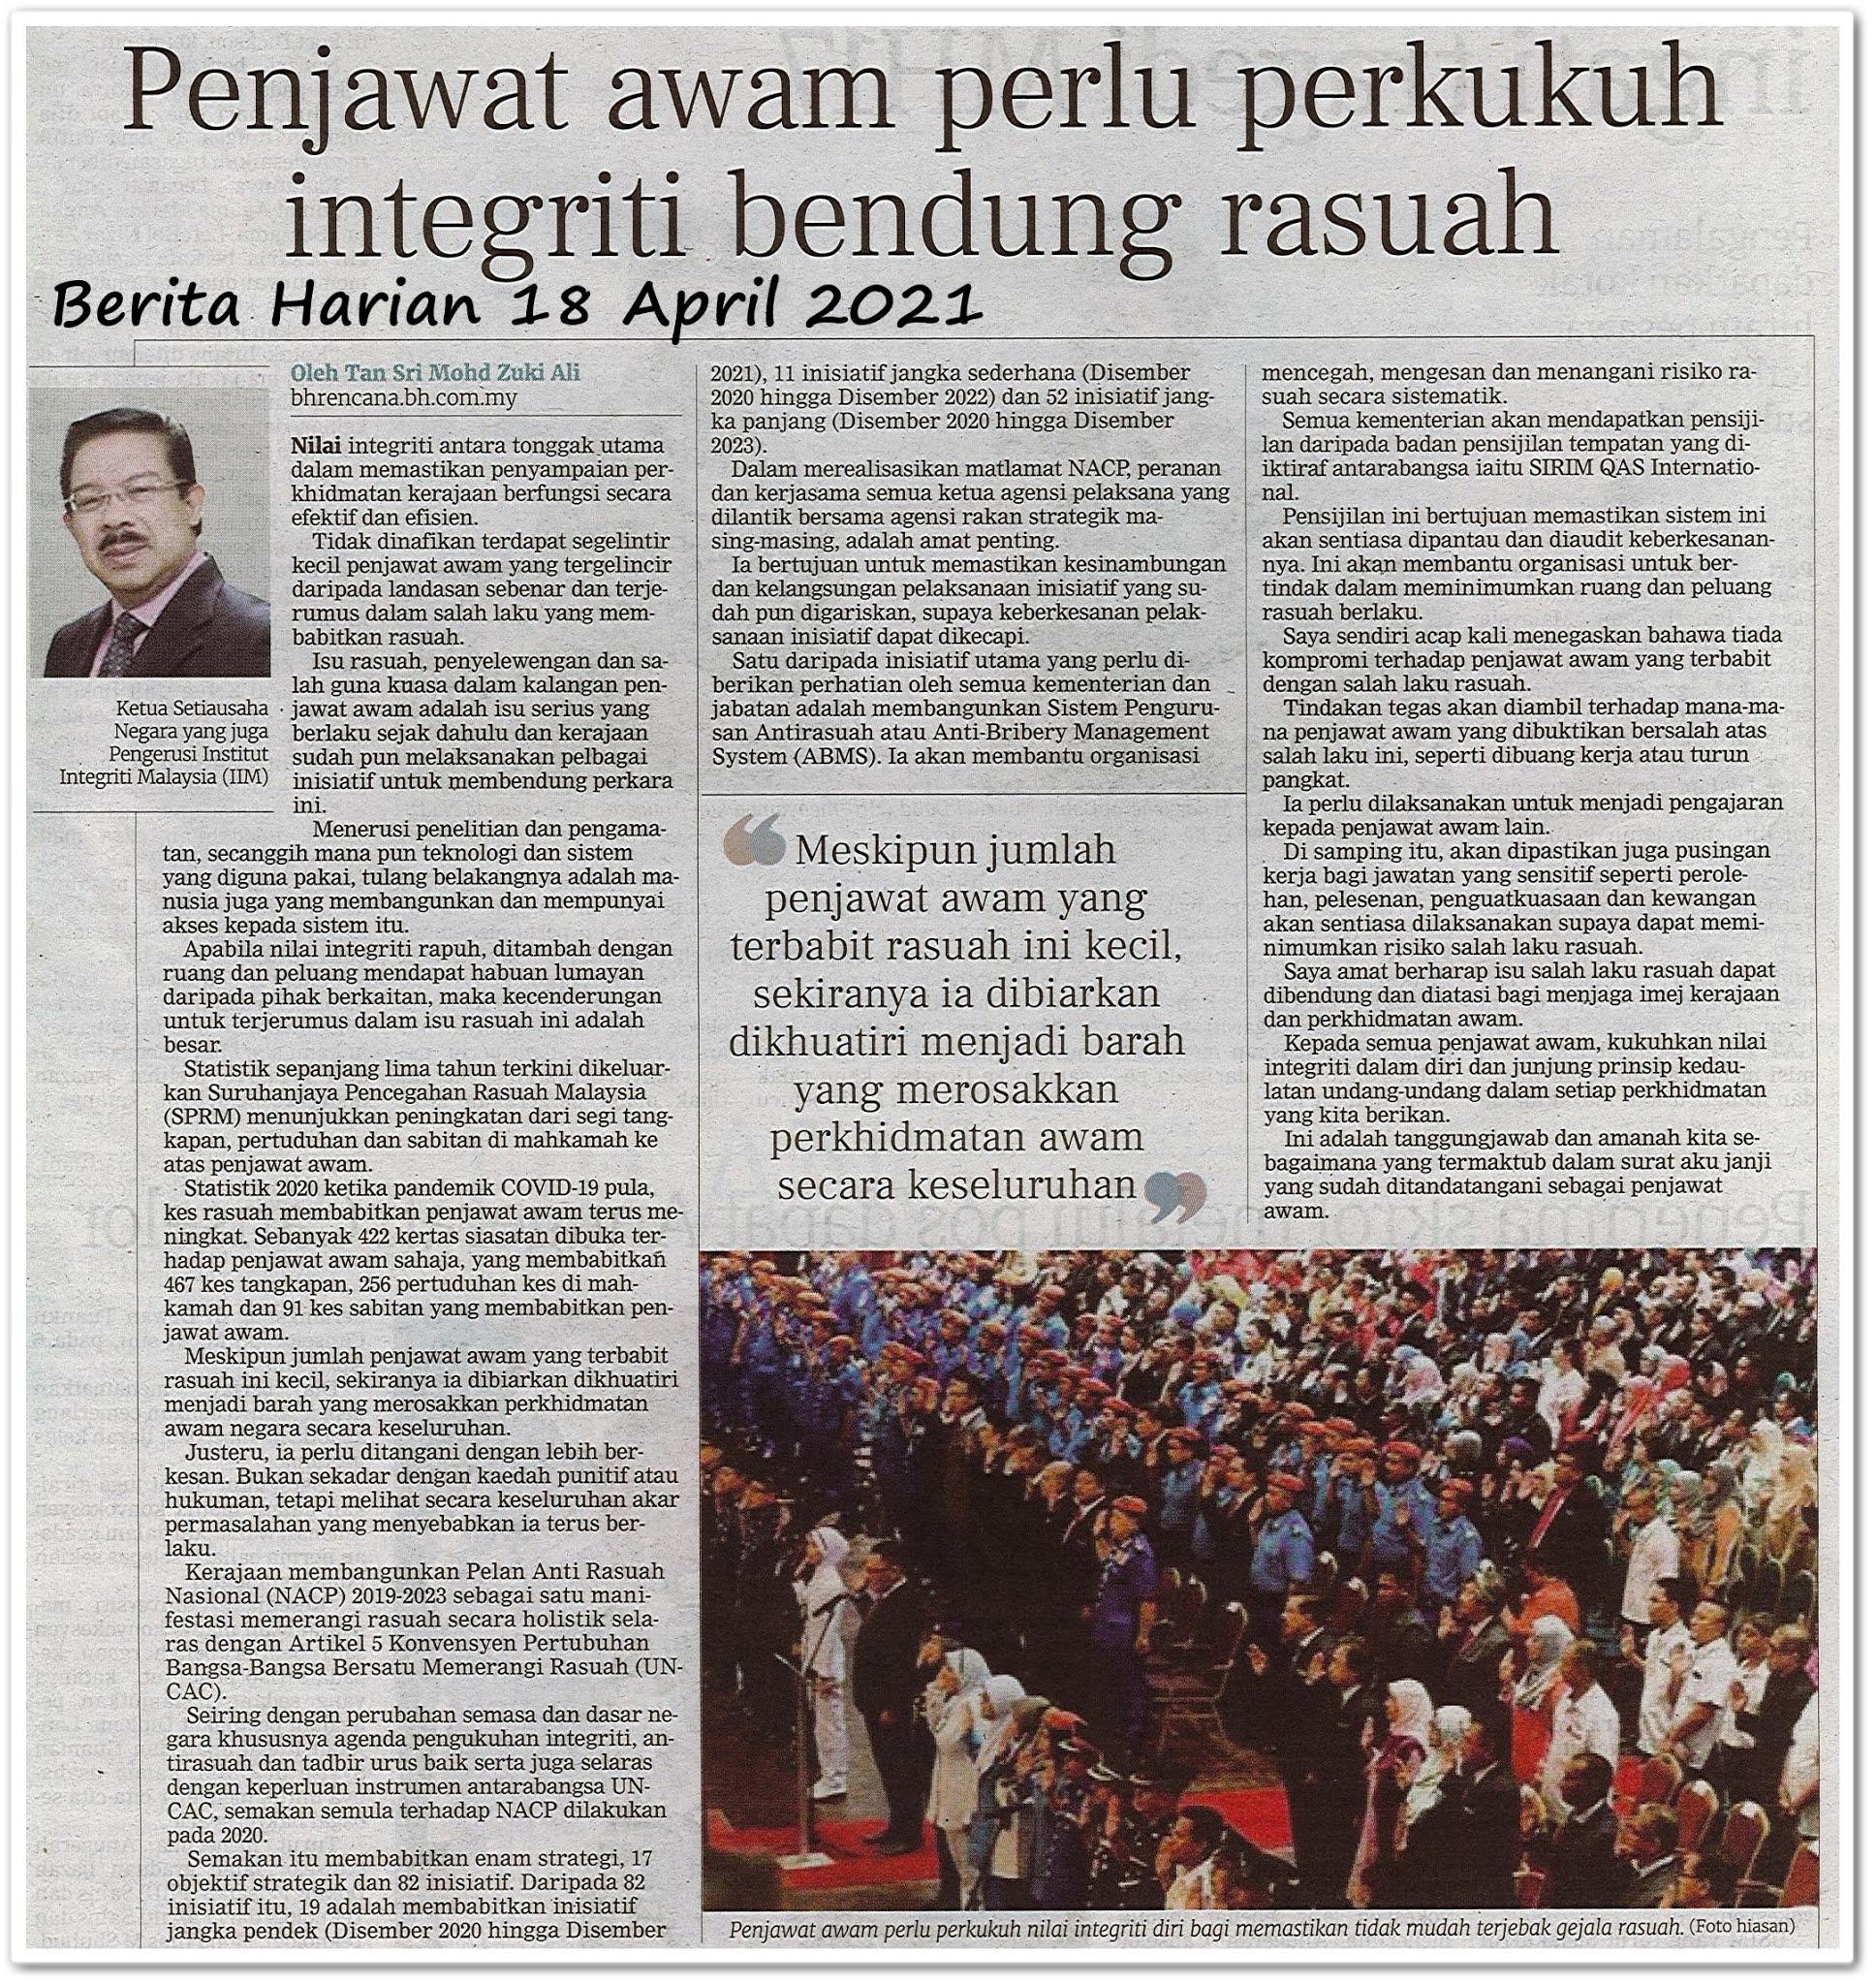 Penjawat awam perlu perkukuh integriti bendung rasuah - Keratan akhbar Berita Harian 18 April 2021